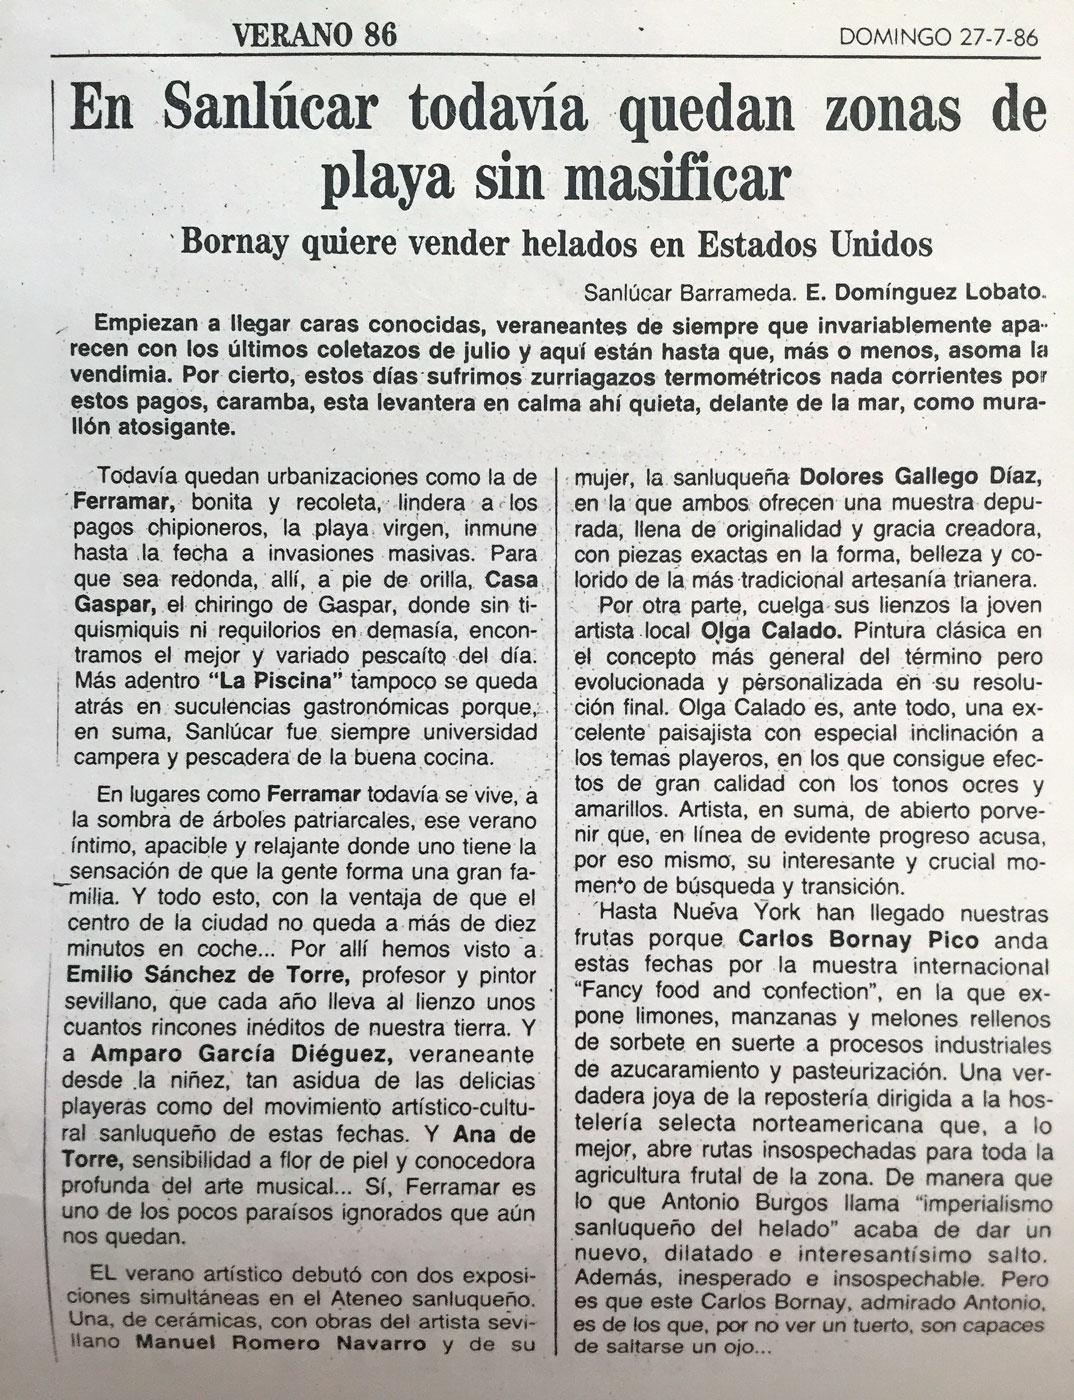 Olga Calado Exhibition Ateneo Sanlucar de Barrameda